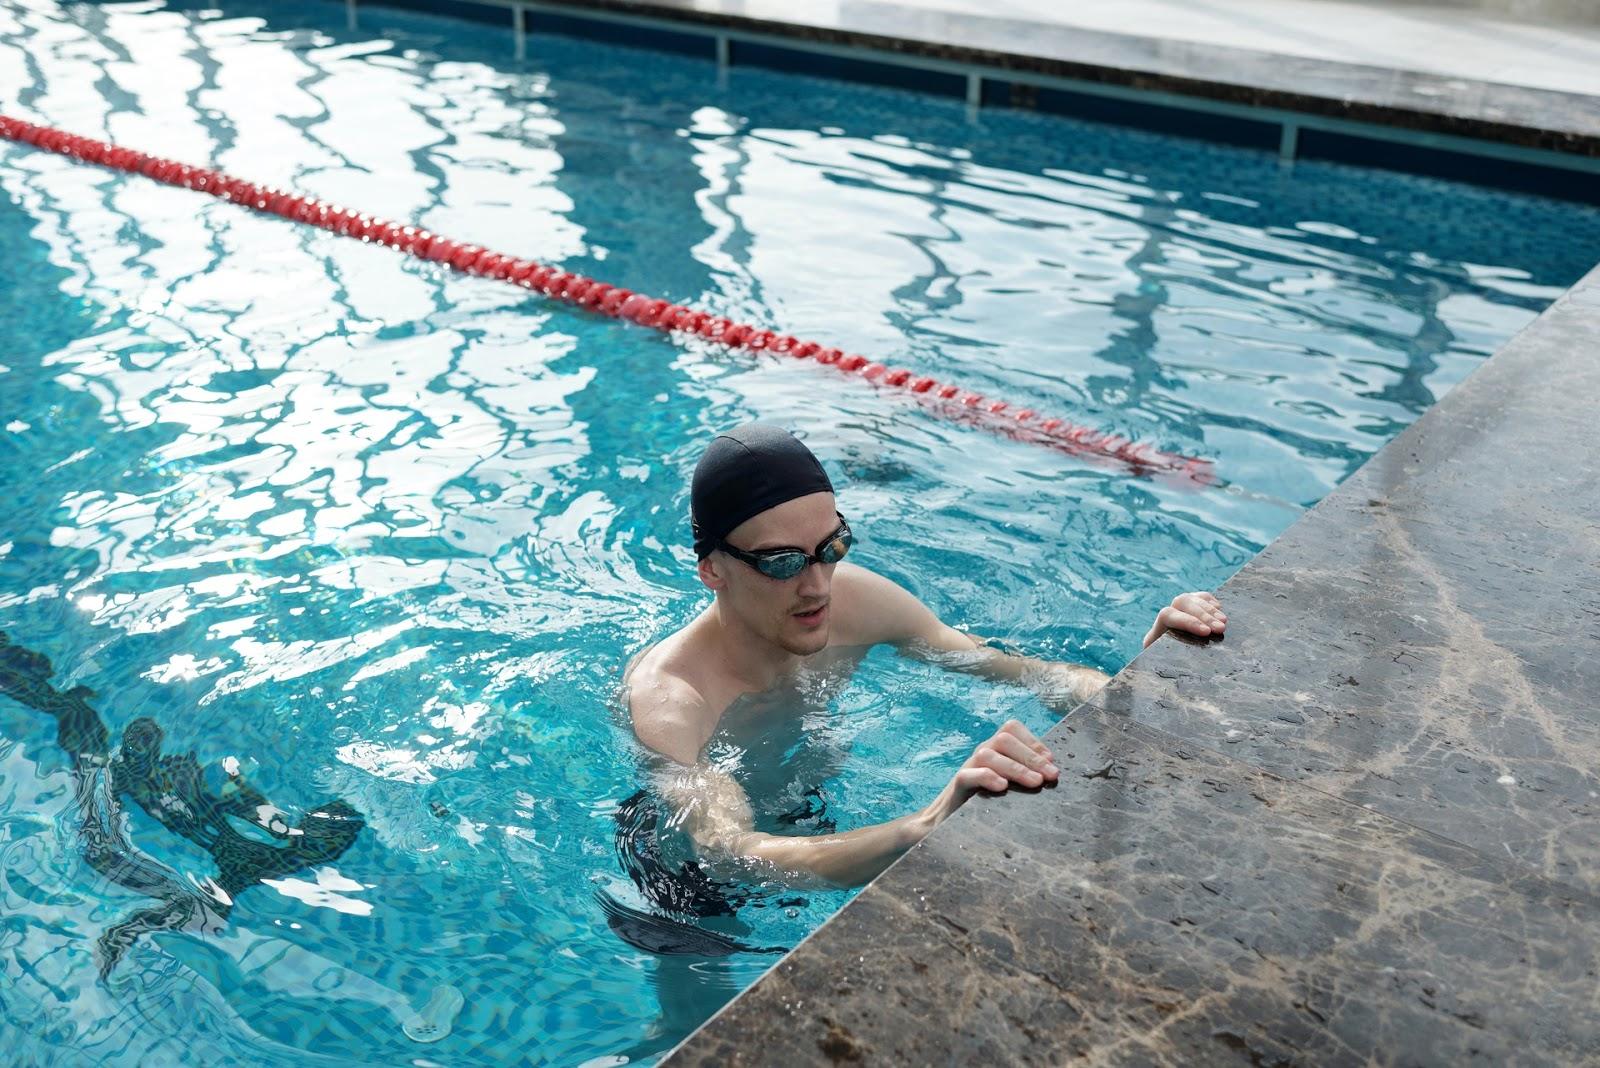 man in swimming pool 4045131 1